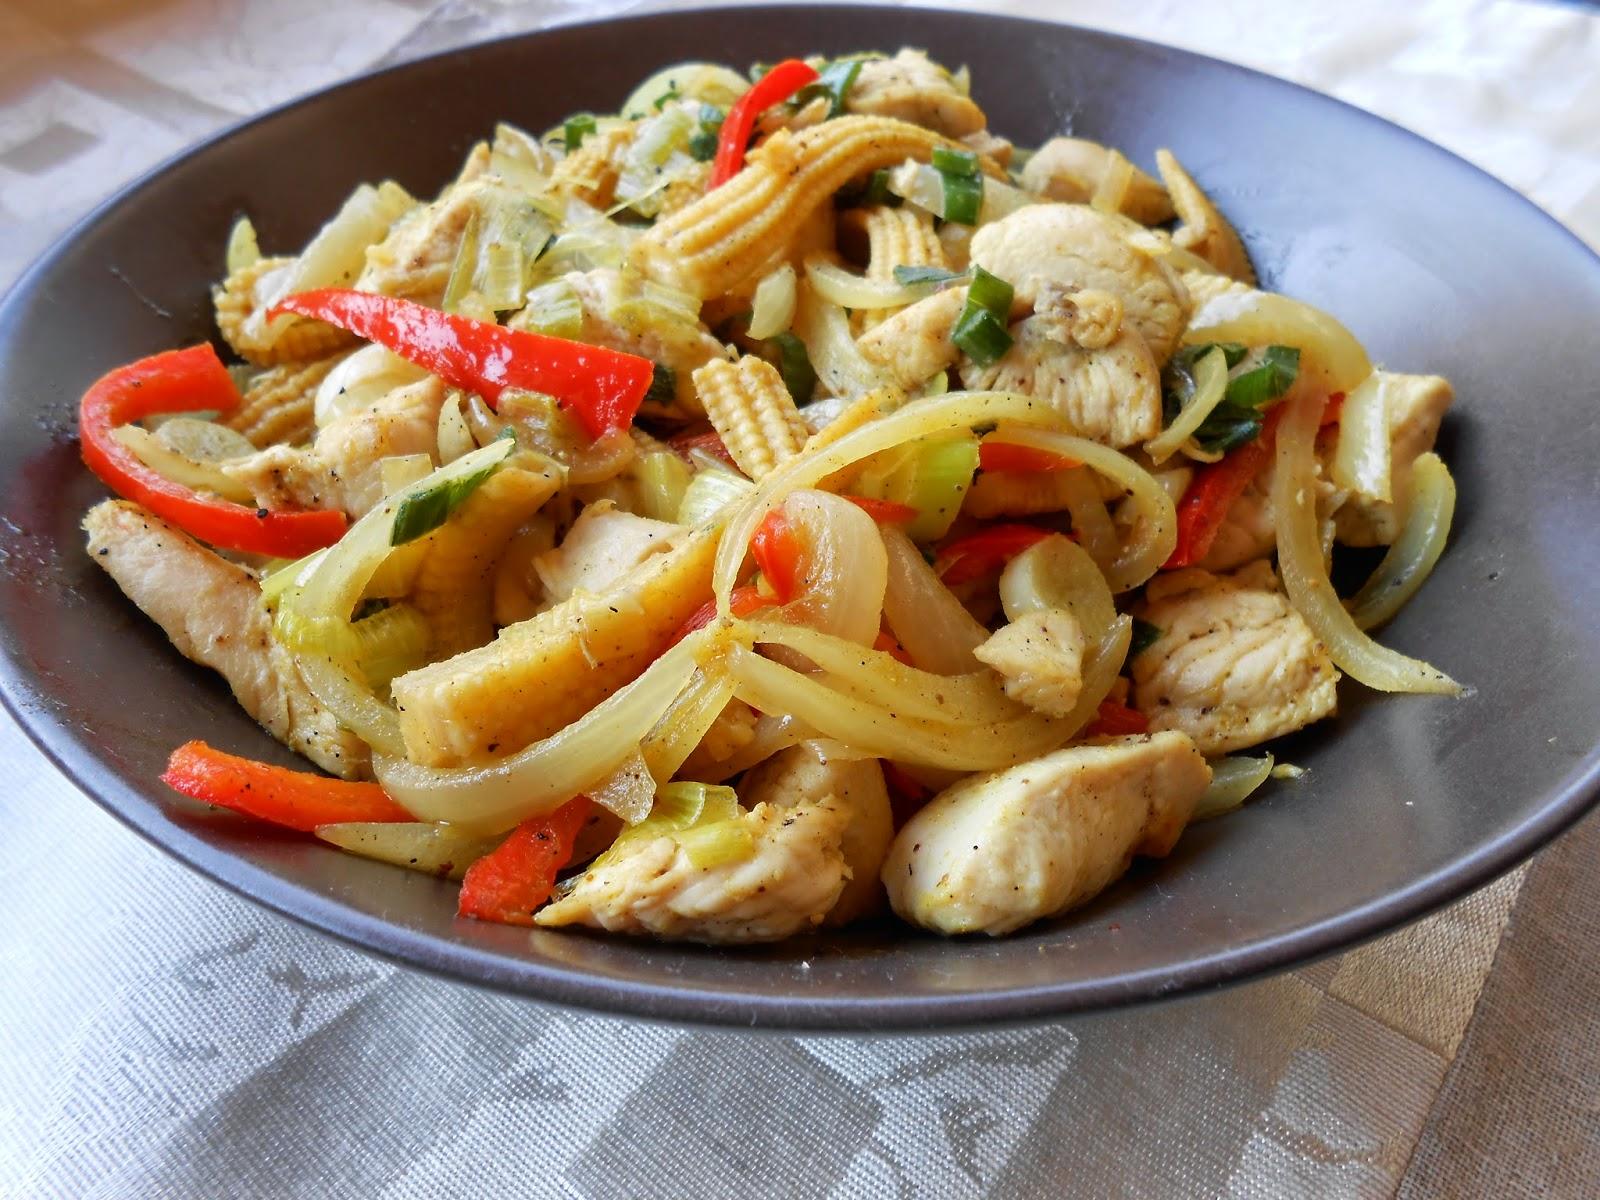 Κοτόπουλο με λαχανικά και κάρυ - ewomenmagazine.blogspot.gr